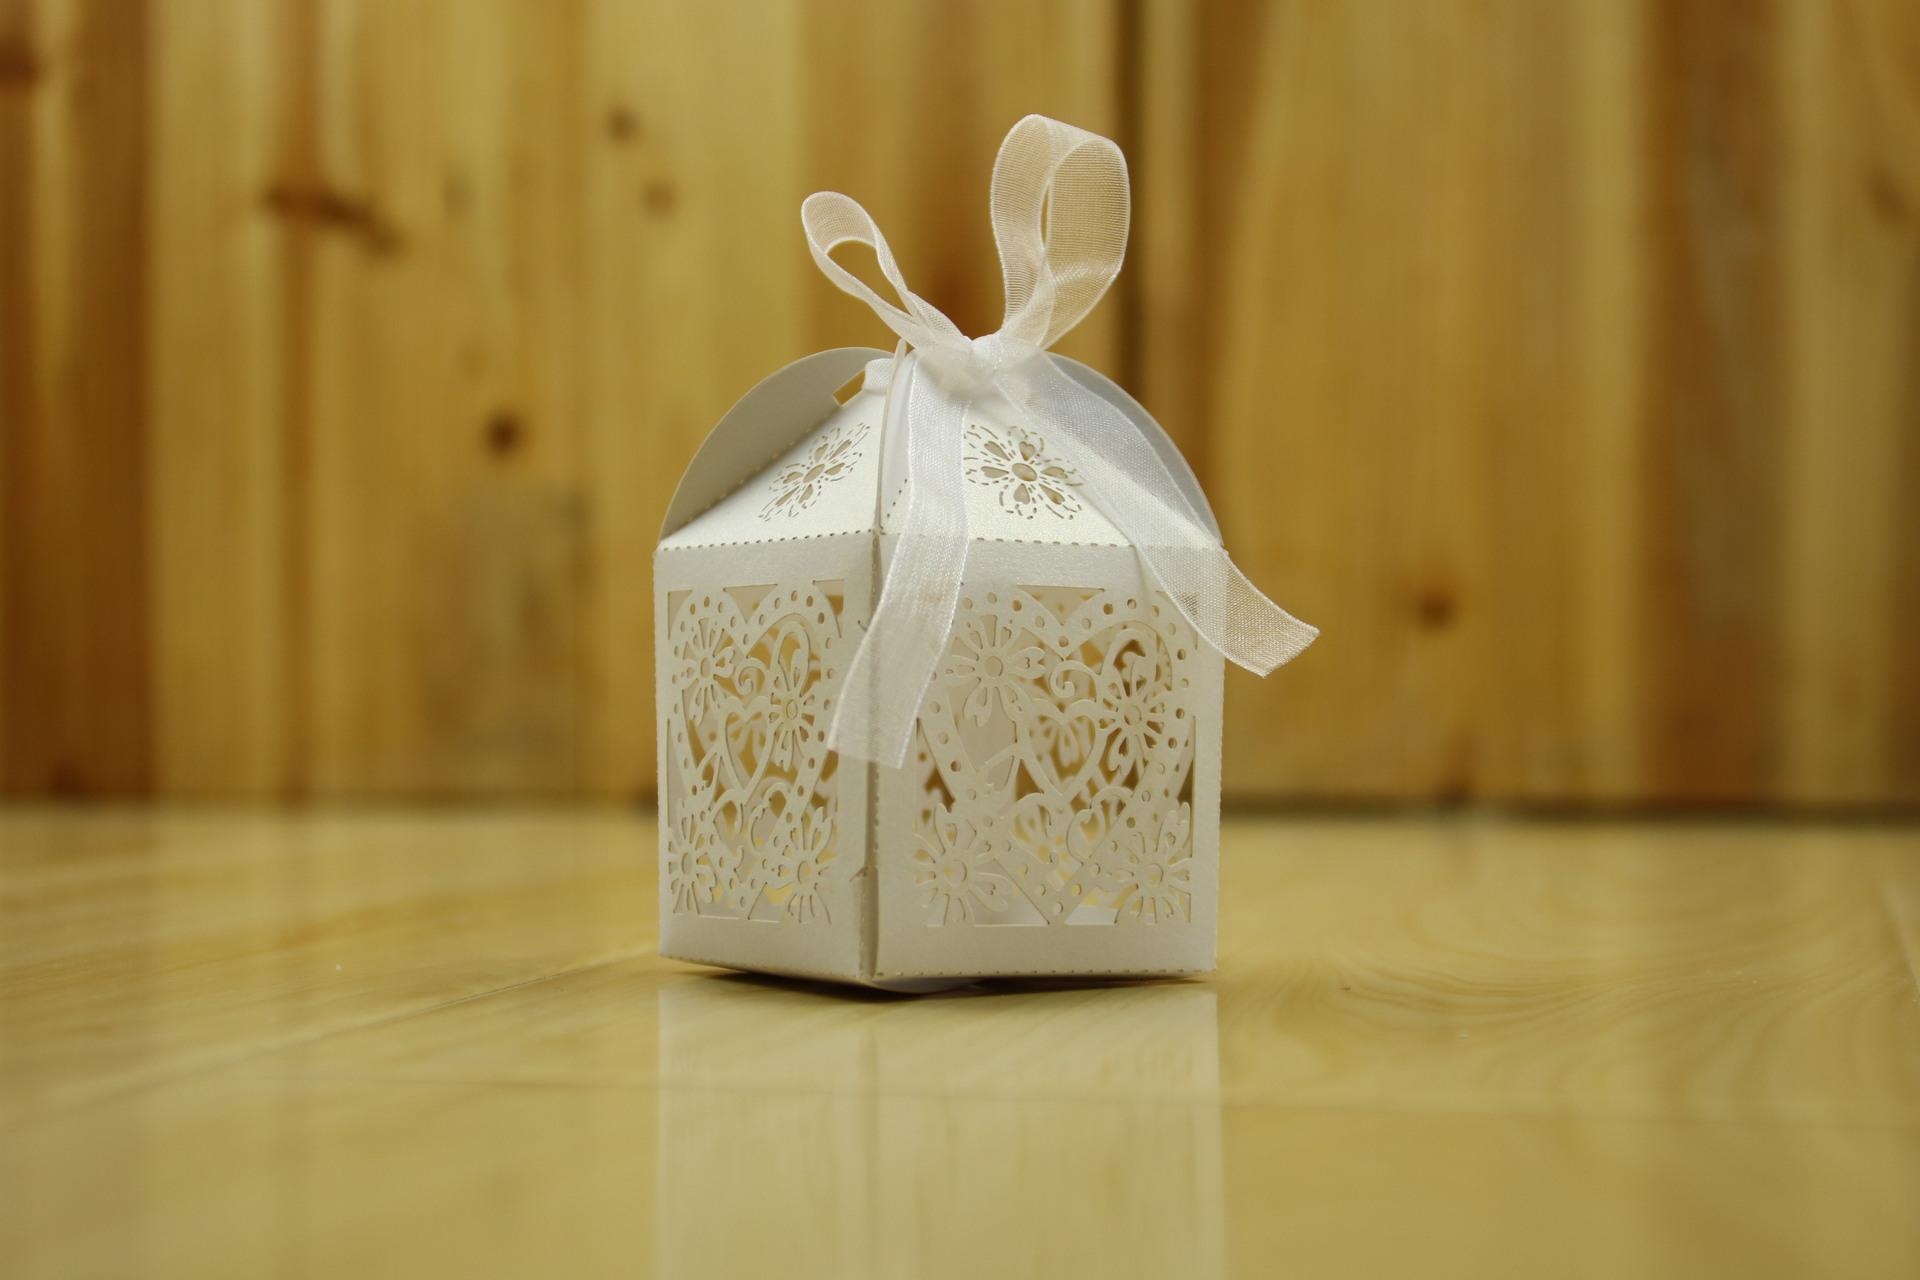 Hotsale 러브 하트 파티 웨딩 캔디 박스 리본 선물 웨딩 파티 사탕 상자 무료 배송